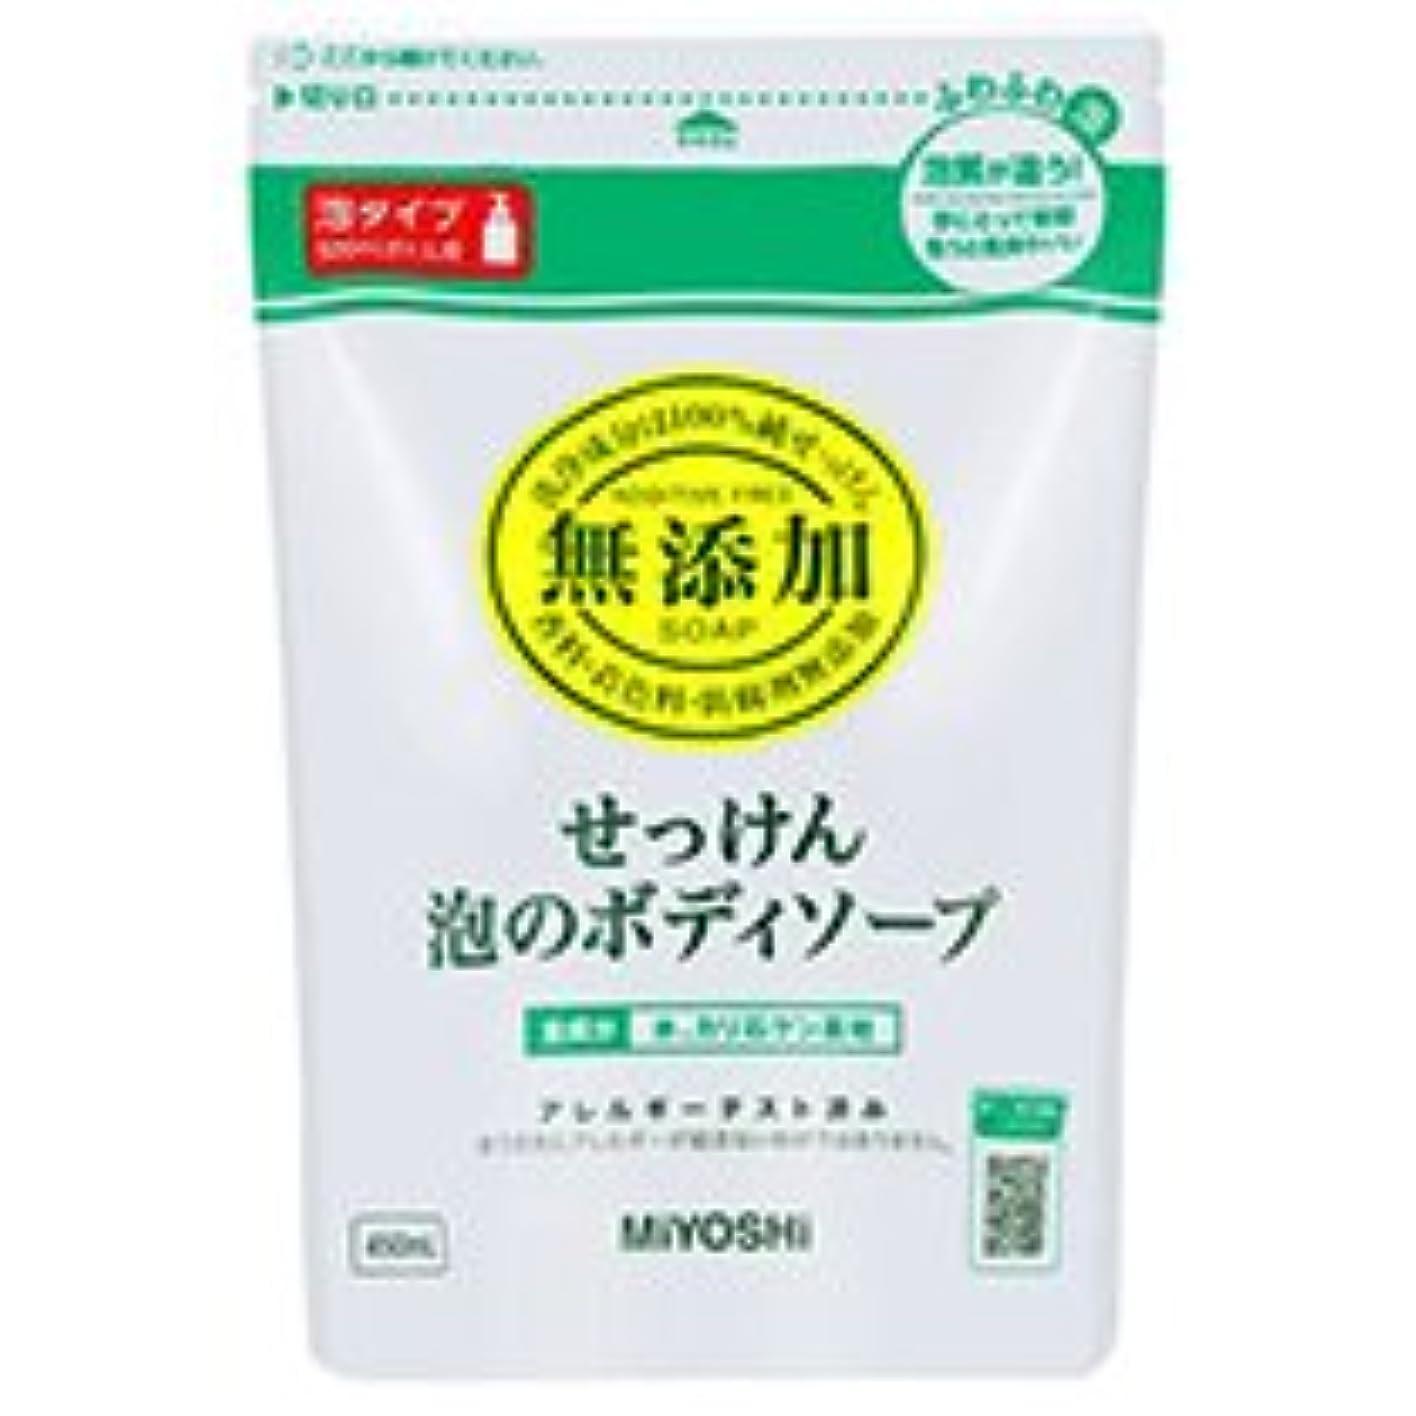 新着愛するタイトミヨシ石鹸 無添加せっけん 泡のボディソープ 詰替用 450ml 1個